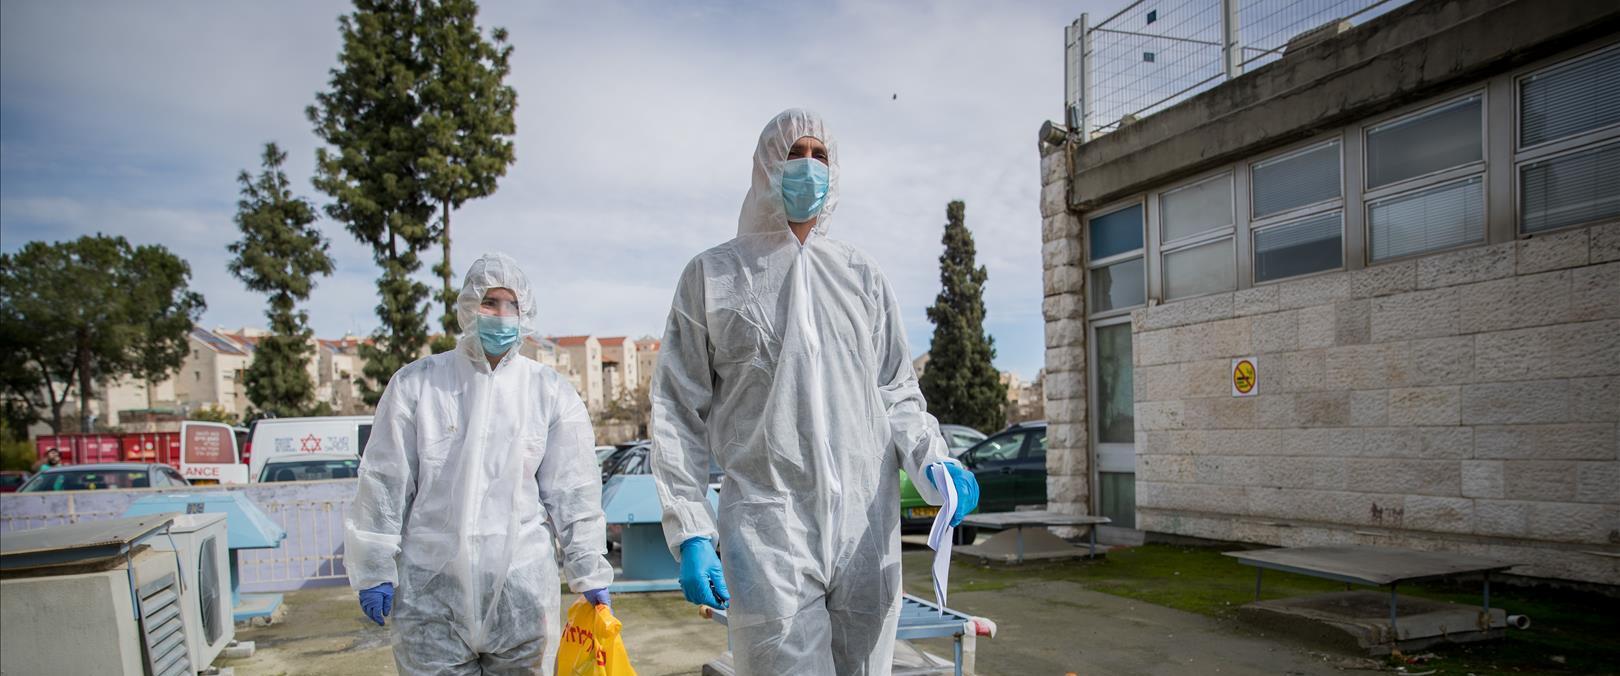 צוות רפואי מתמגן מהקורונה בשערי צדק